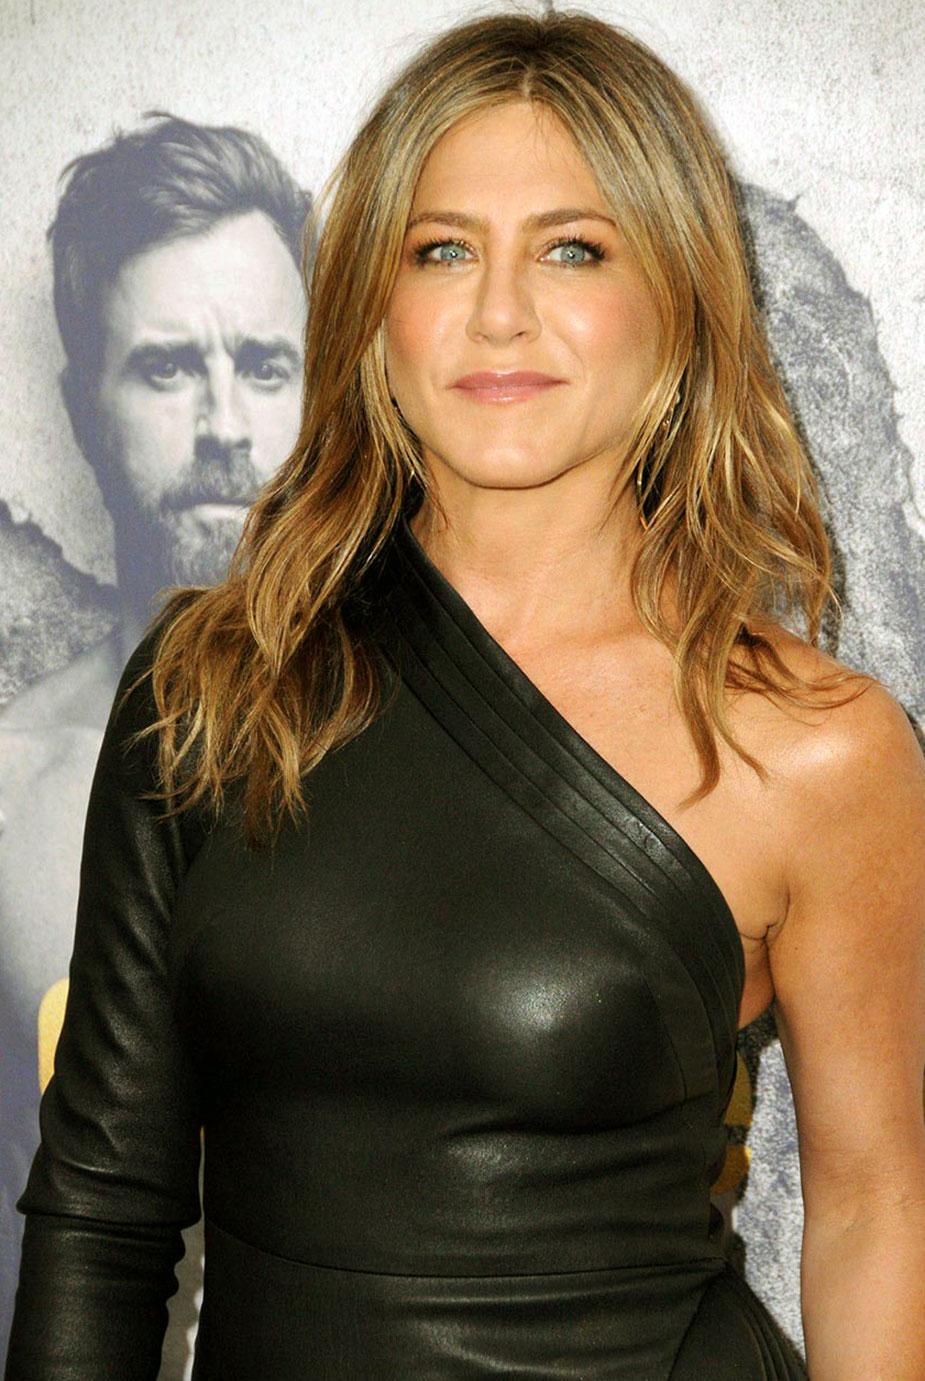 Jennifer Aniston tits